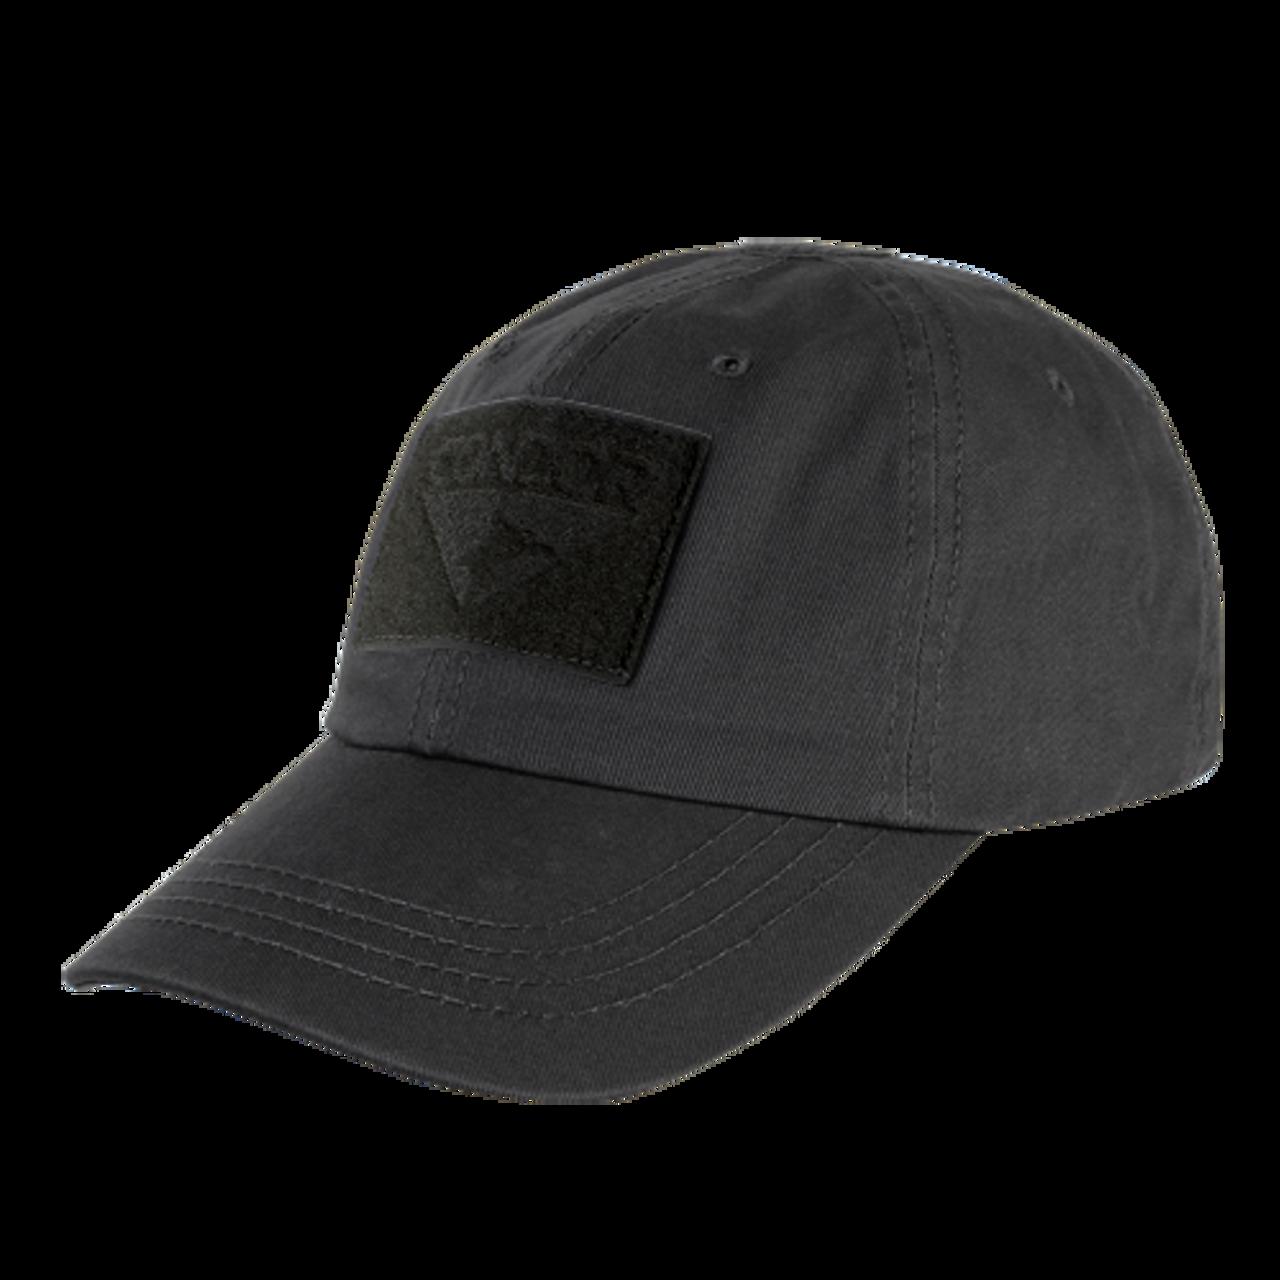 Condor - Tactical Cap (Black)